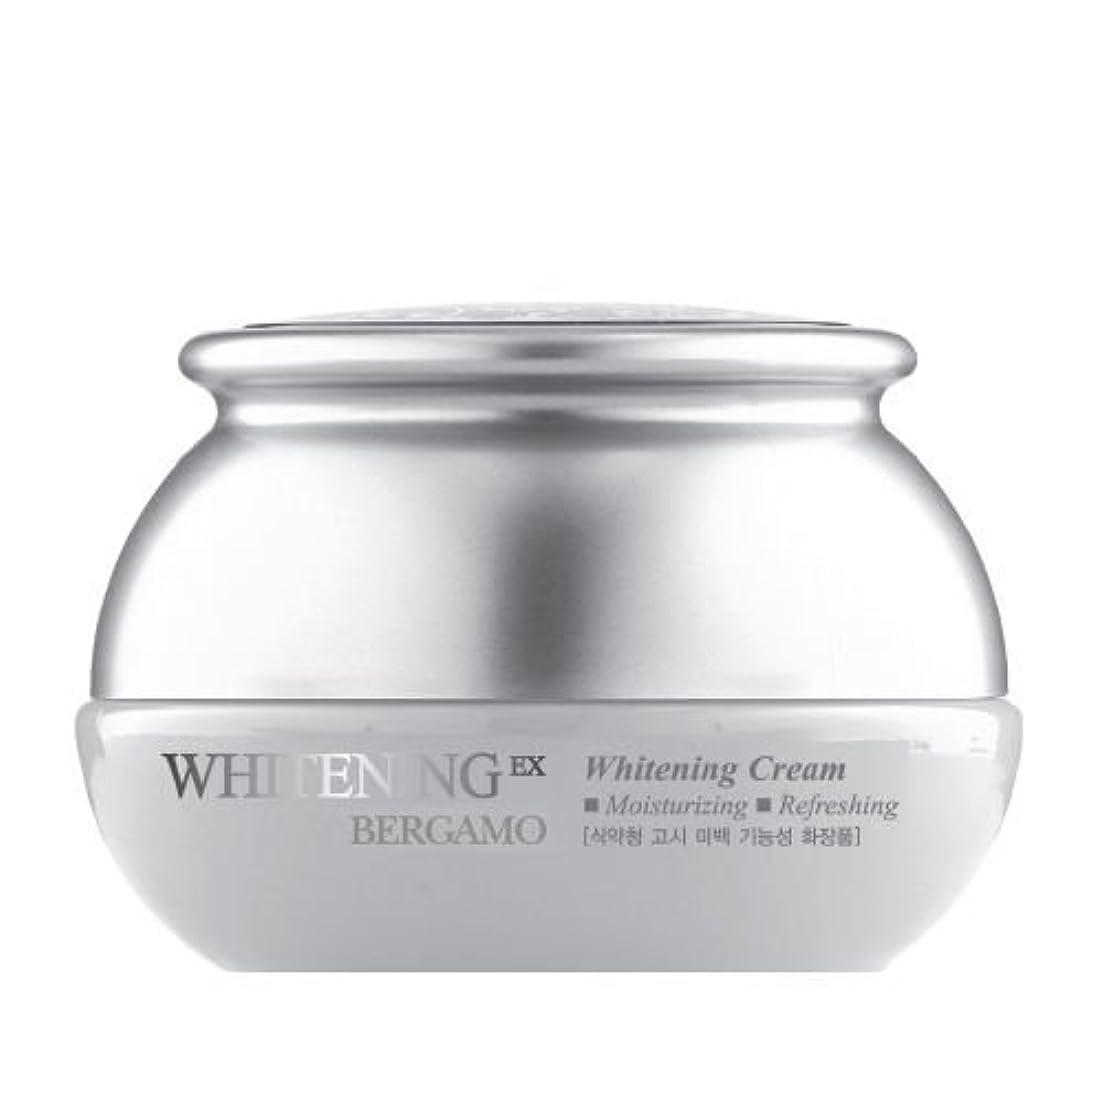 偏心ぼんやりした誤ってベルガモ[韓国コスメBergamo]Whitening EX Wrinkle Care Cream ホワイトニングEXリンクルケアクリーム50ml しわ管理 [並行輸入品]